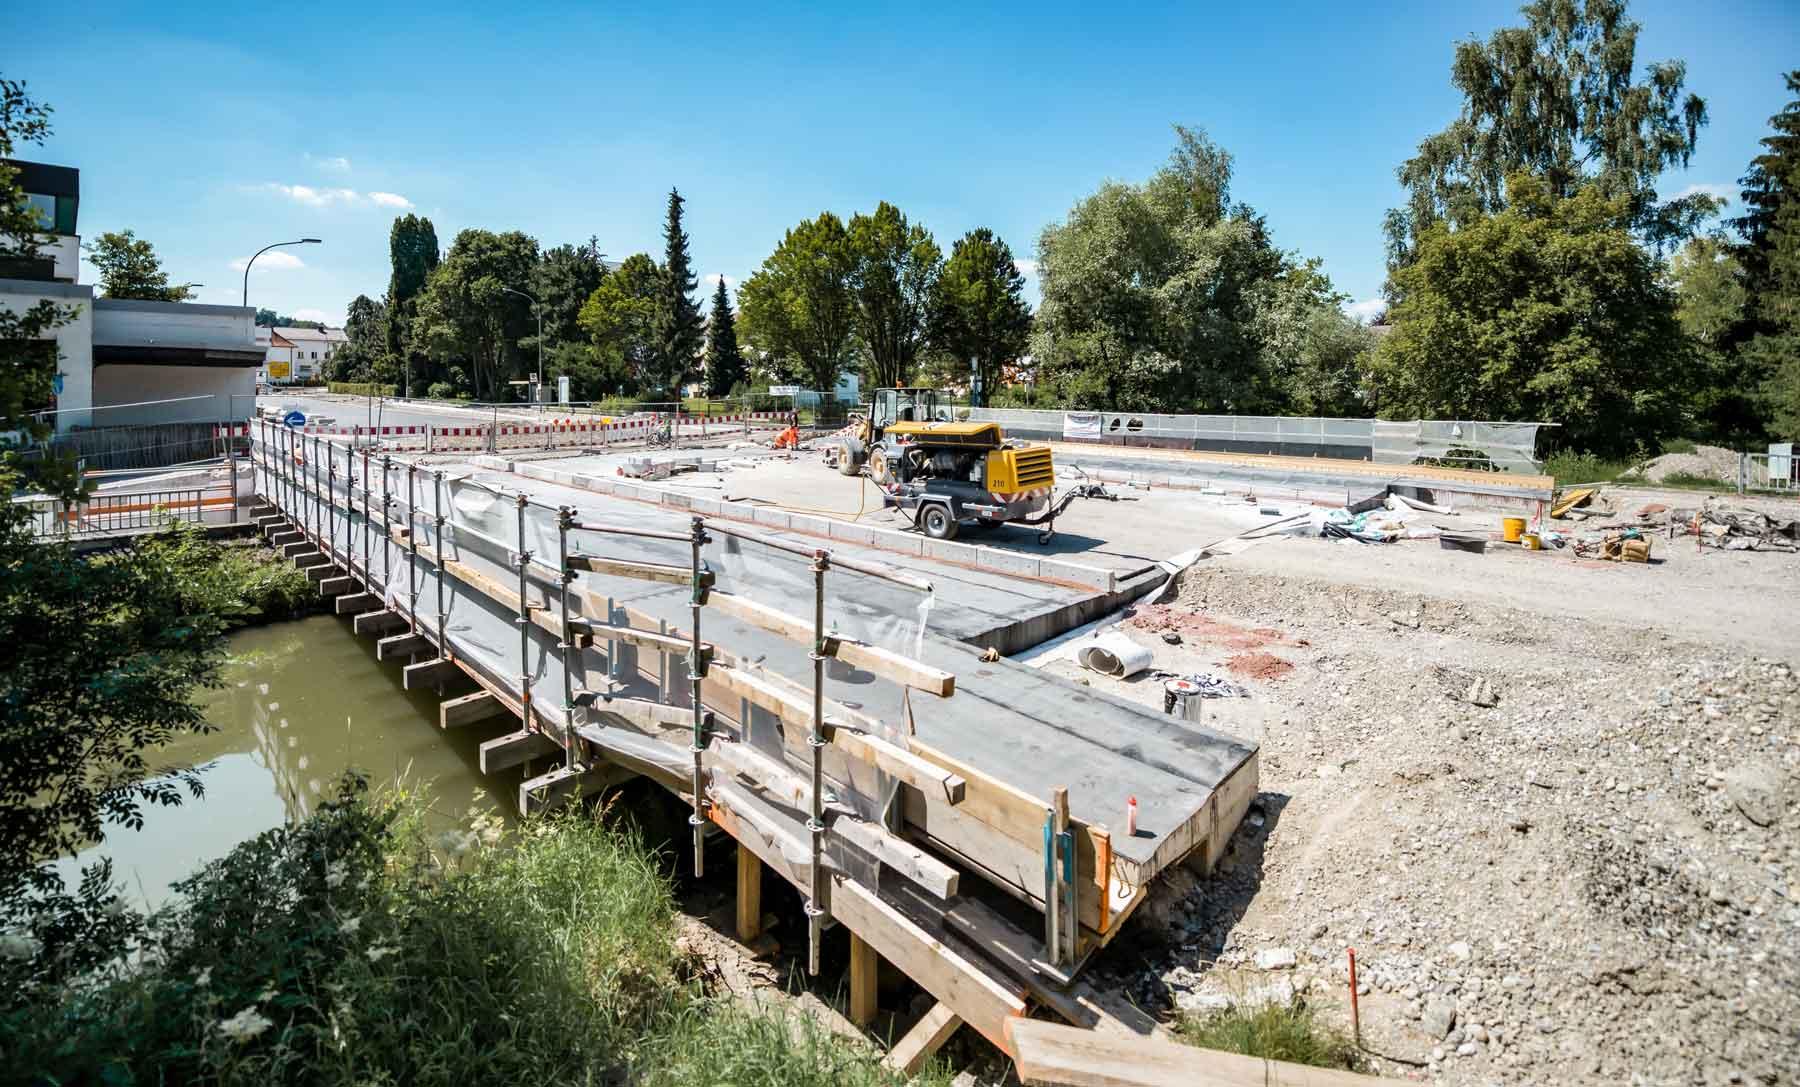 Bauwerkserhlatung – Sanierung einer Brücke